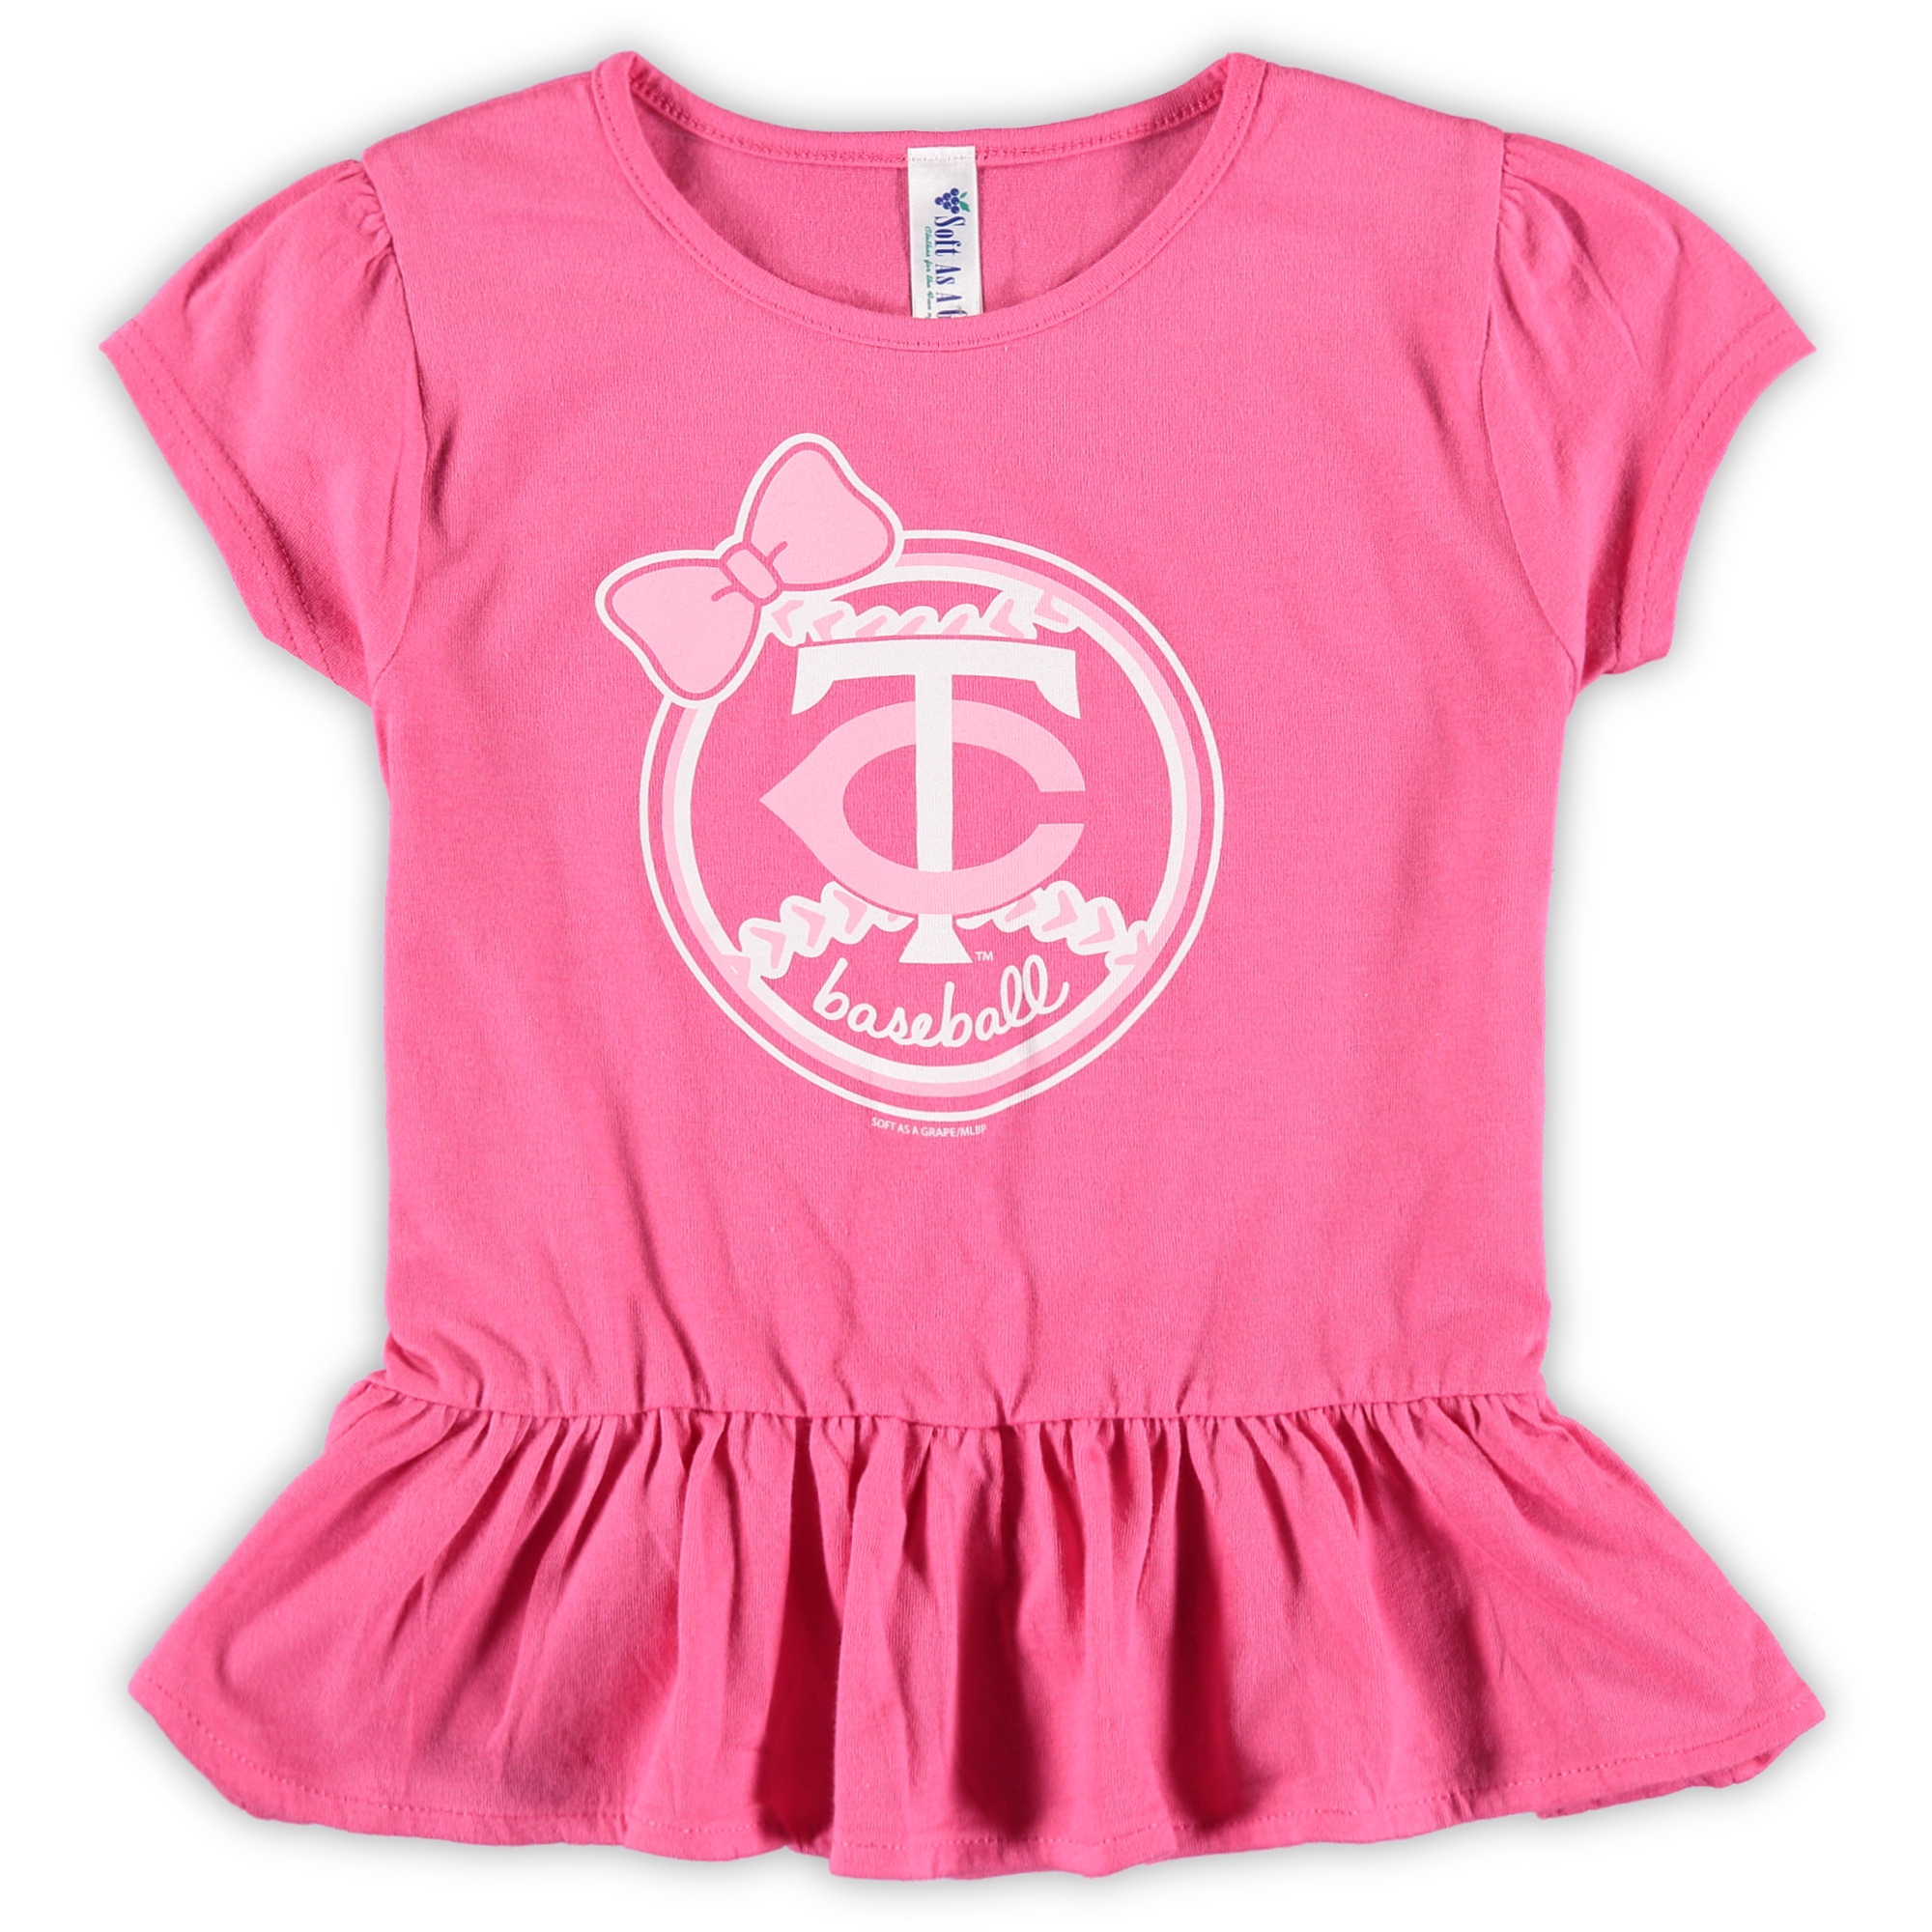 Minnesota Twins Soft as a Grape Girls Toddler Ruffle T-Shirt - Pink